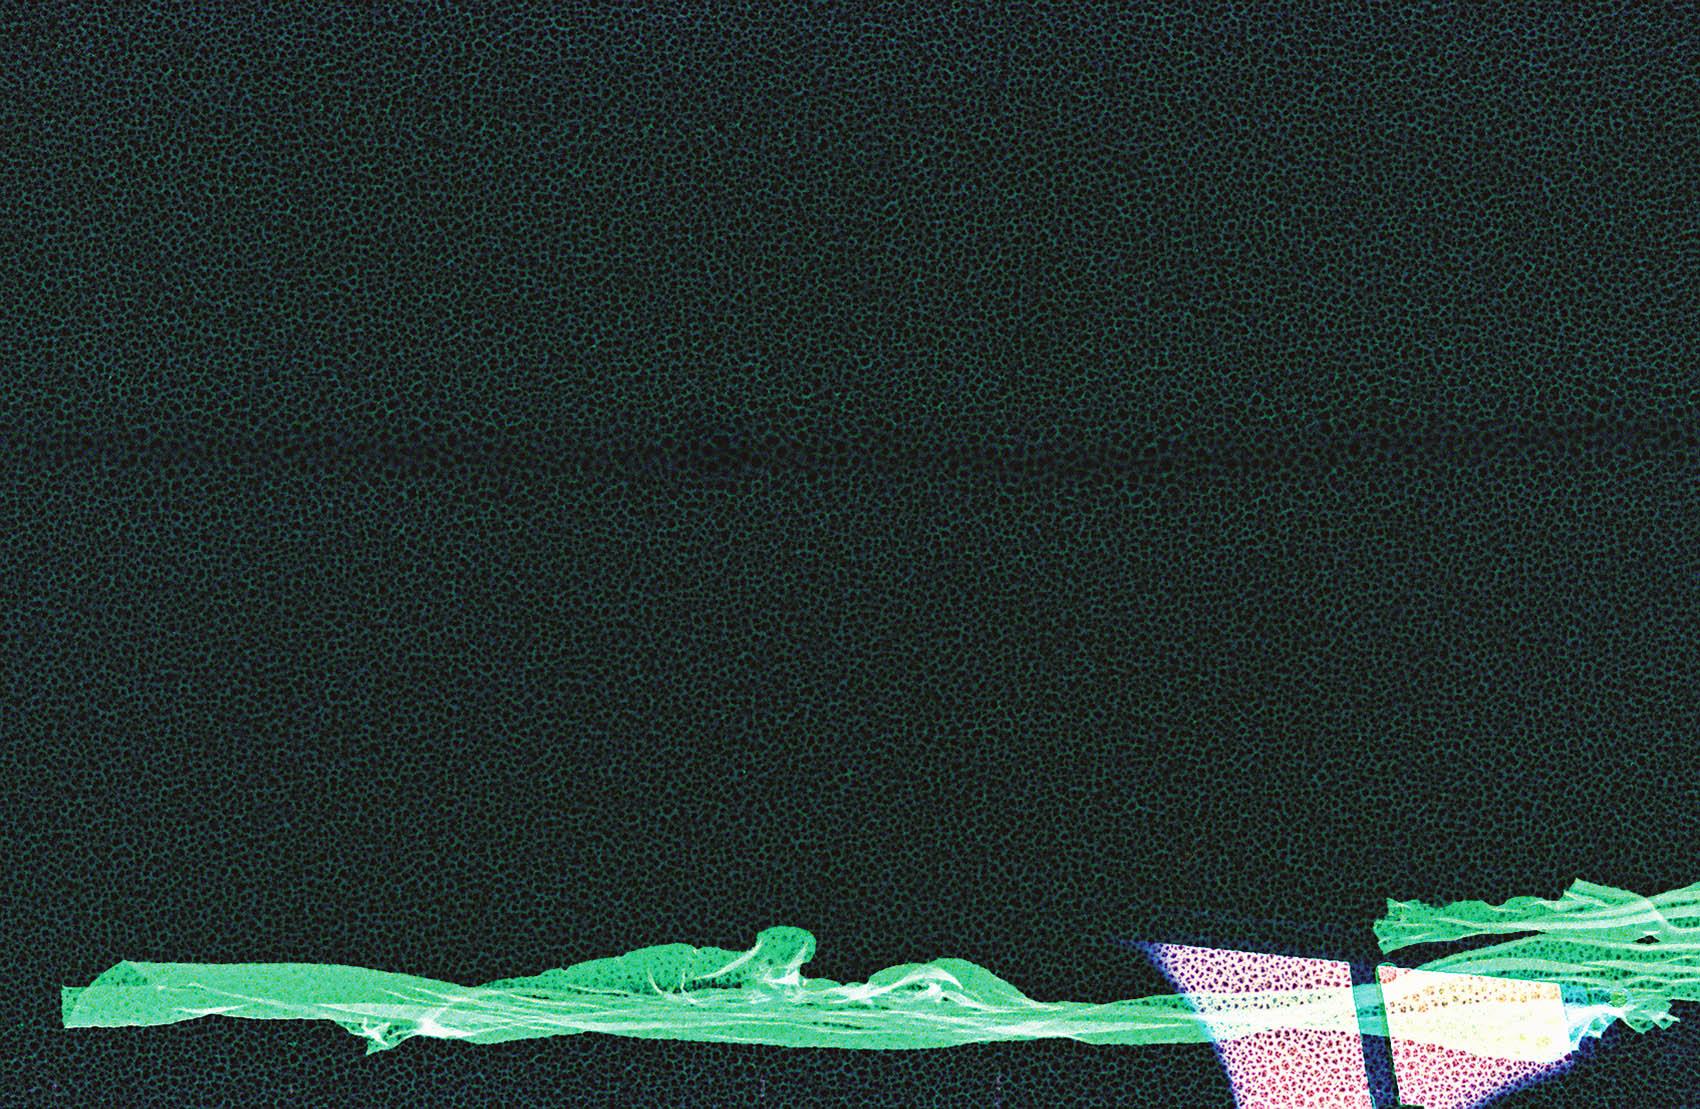 36651X1-R01-028.jpg